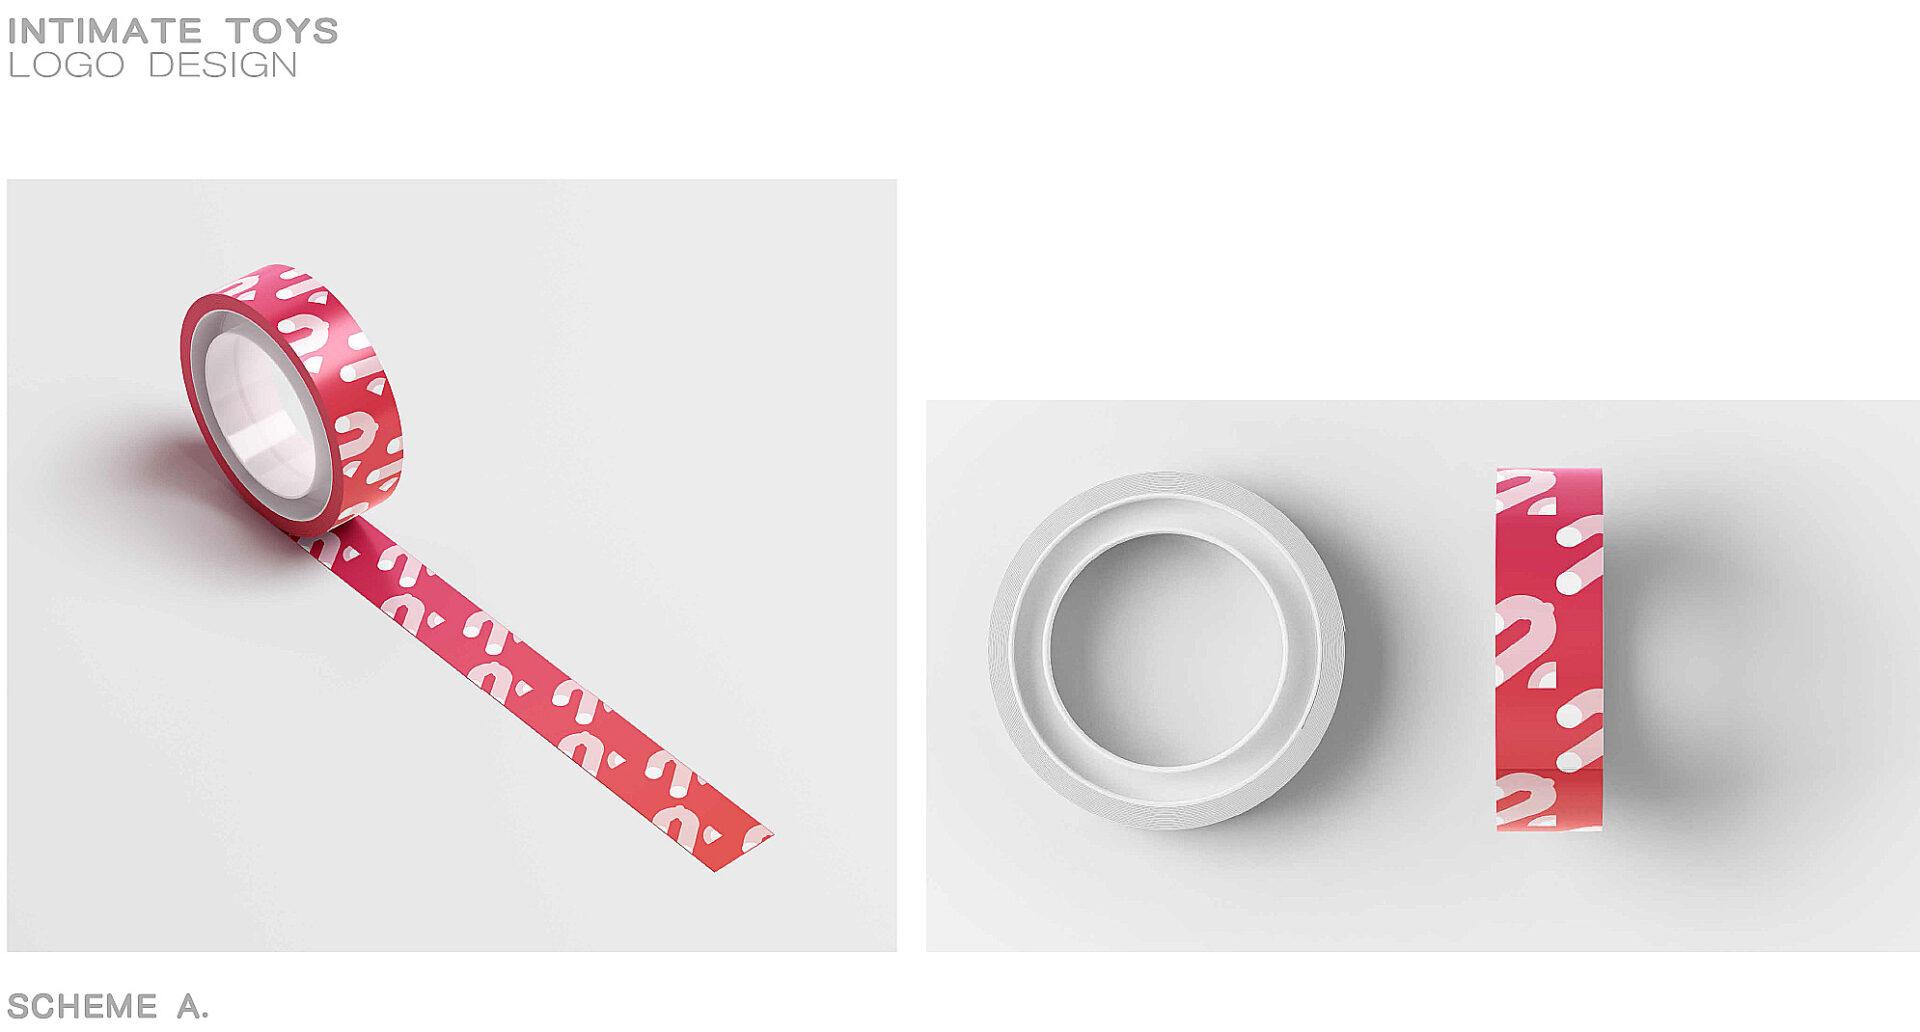 2人世界LOGO-2-品牌設計-品牌設計公司-品牌規劃-品牌設計公司 台北-品牌設計公司推薦-台北品牌設計-品牌設計師-品牌設計理念-品牌設計費用-品牌設計範例-品牌設計圖-品牌設計流程-品牌設計規劃-品牌規劃設計-品牌設計流程-品牌設計app-品牌設計費用-logo設計-logo設計公司--logo設計價格-logo設計範例-logo設計圖片-logo設計範例-logo設計規範-logo設計樣式-logo設計圖-logo設計師-logo設計公司推薦-logo設計圖片-logo設計流程-logo設計意思-logo設計概念-logo設計參考-商標設計